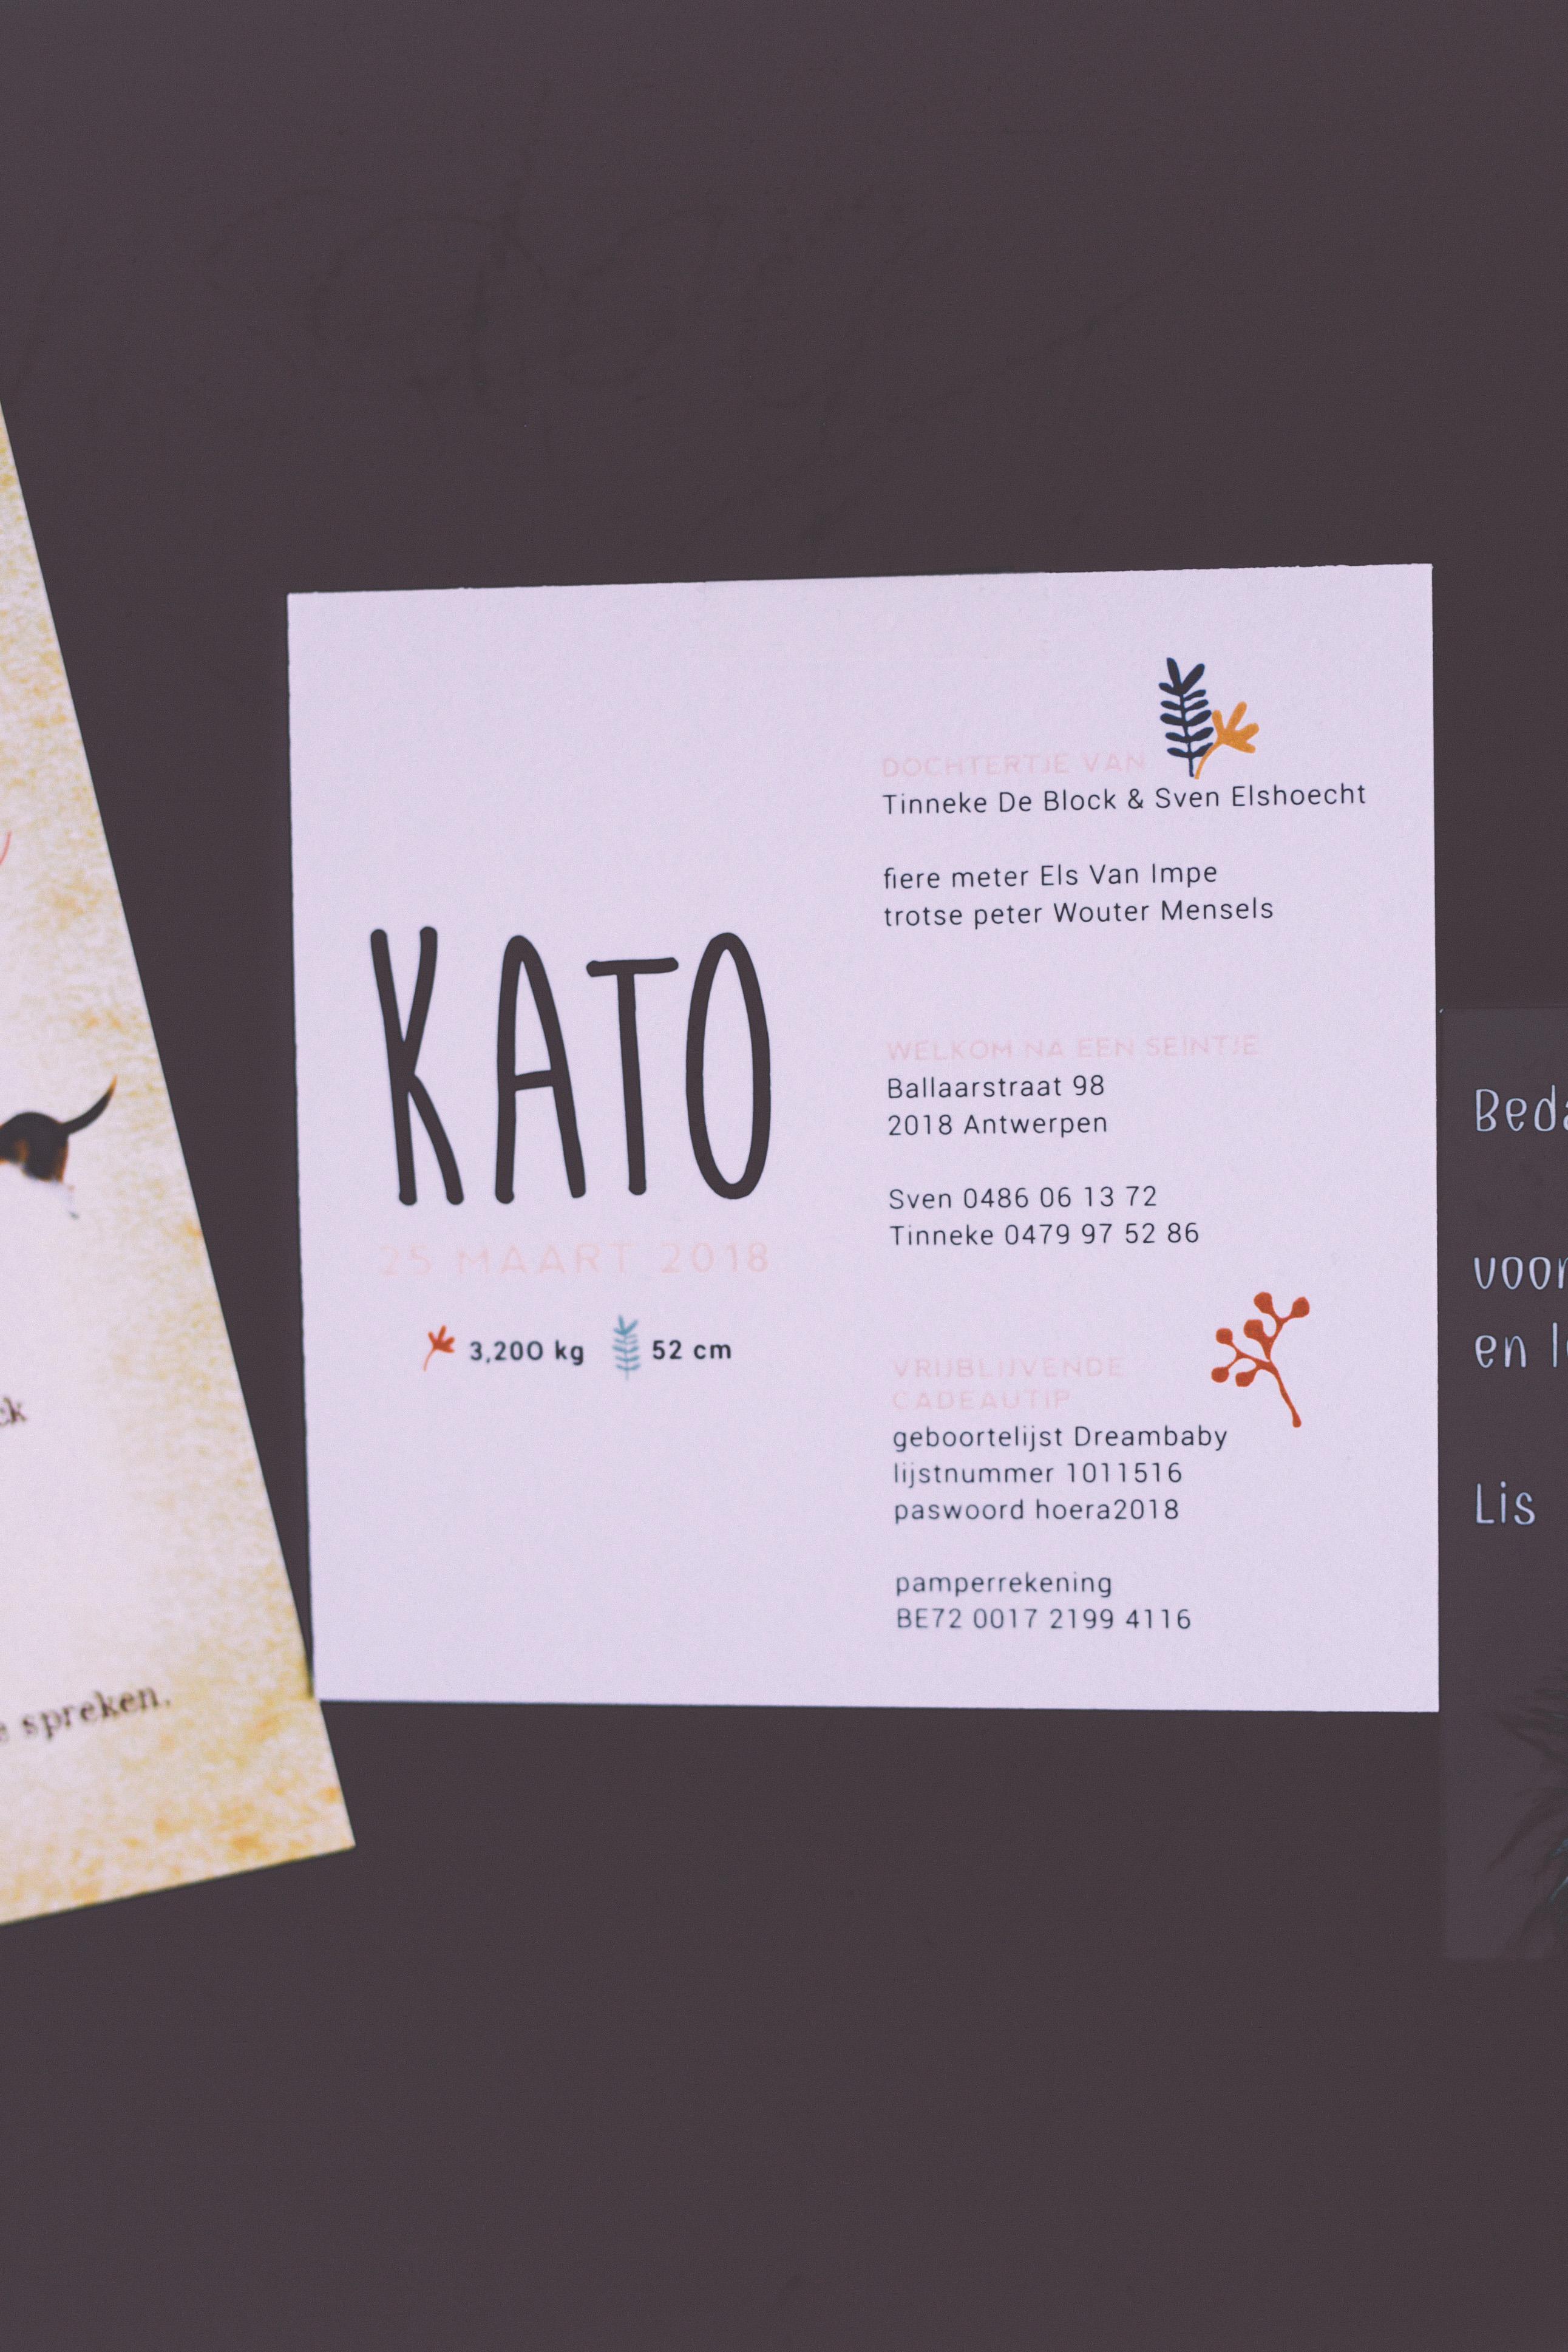 kato-0749